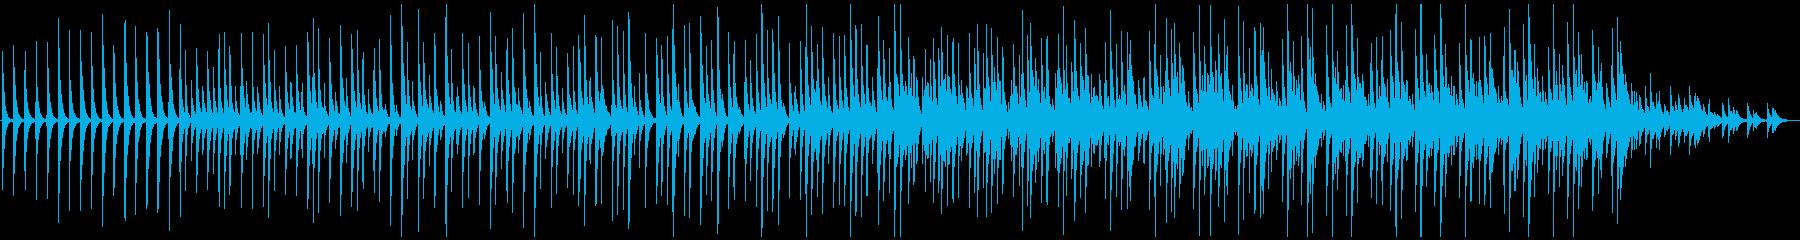 木琴5音階チャイム豪華版、ミニマルの再生済みの波形